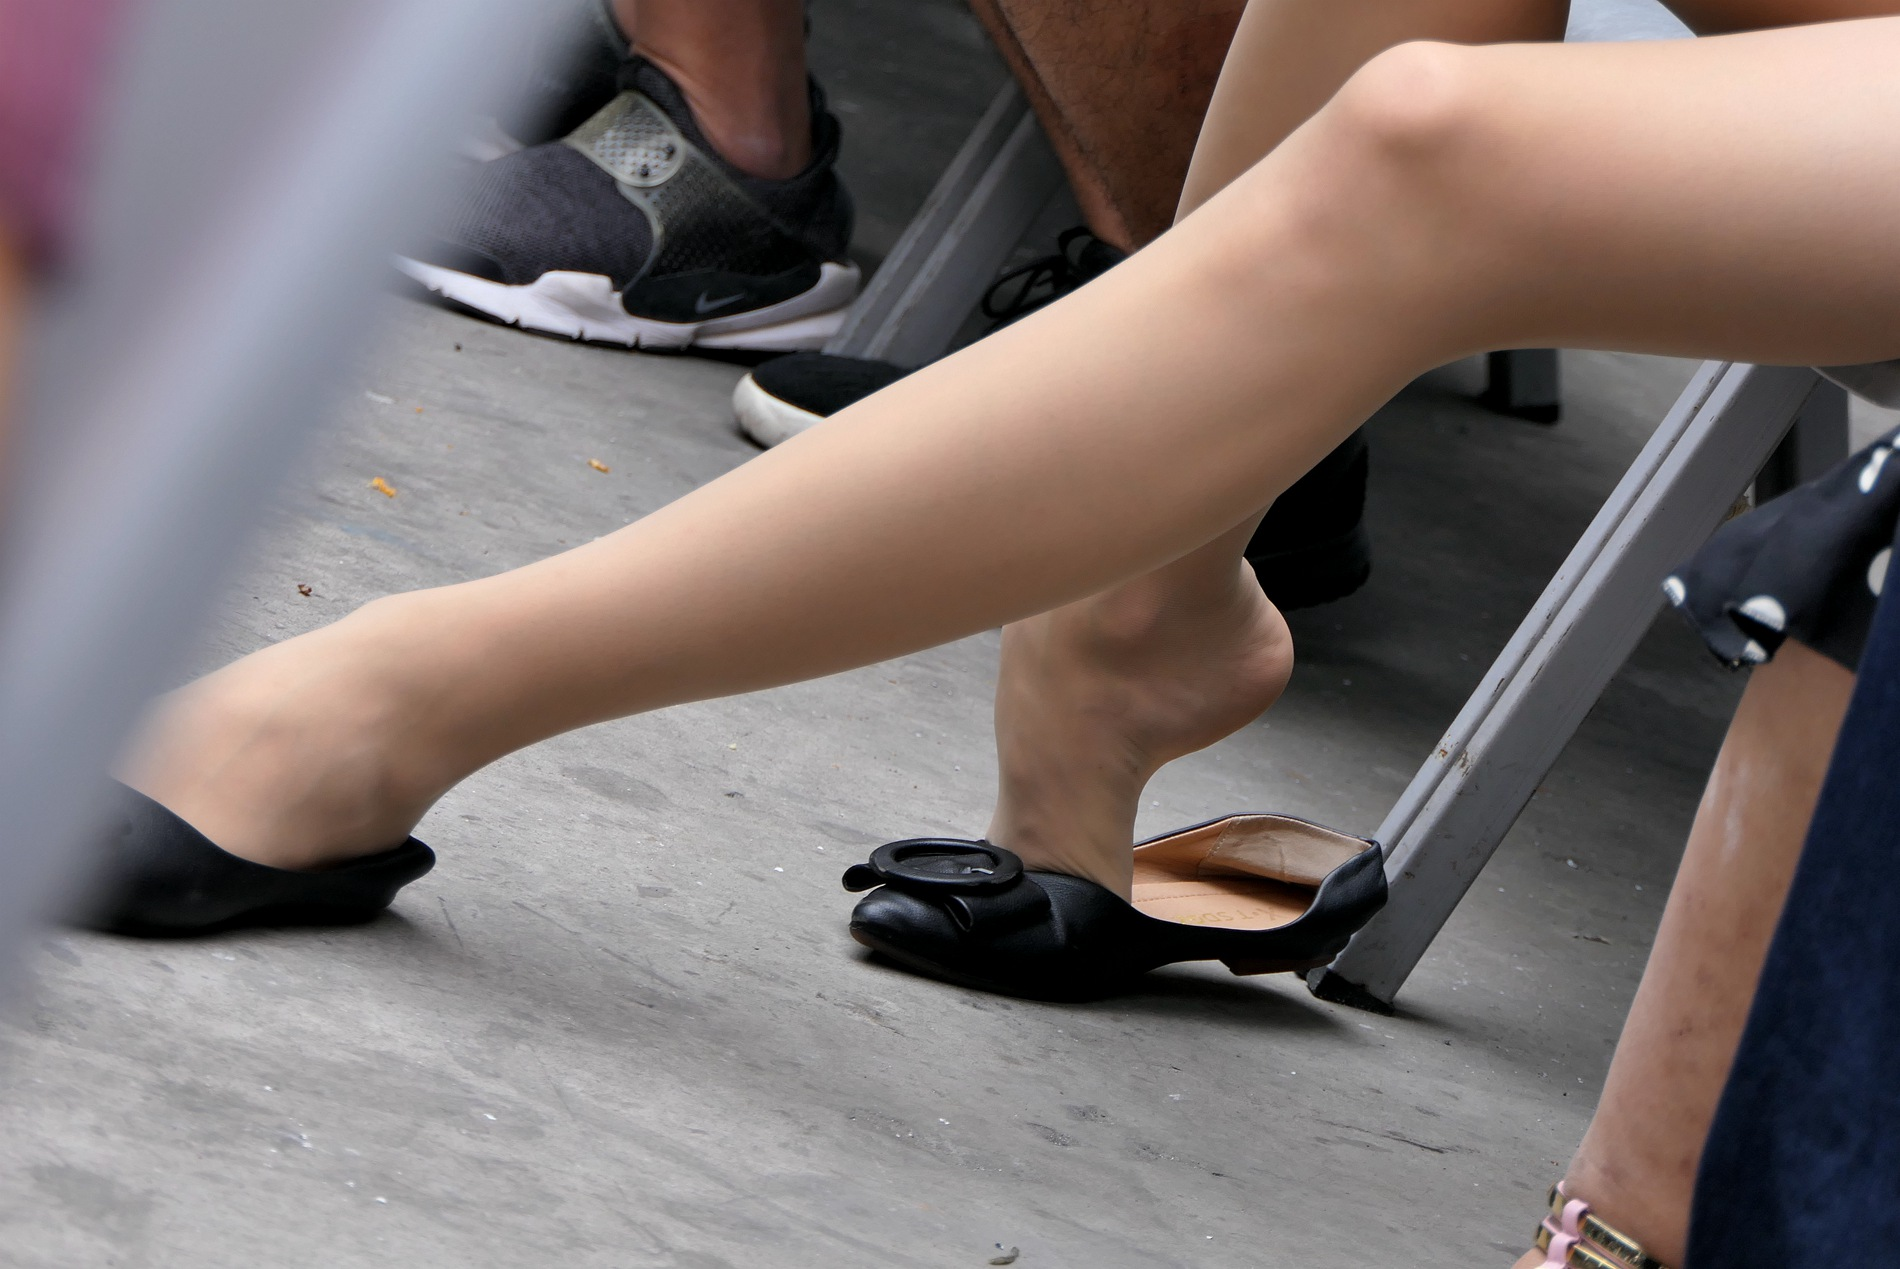 【jim2】漂亮的金发长腿肉丝袜袜洋街拍美女(14p) - 签约原创独发作品- 街拍第一站